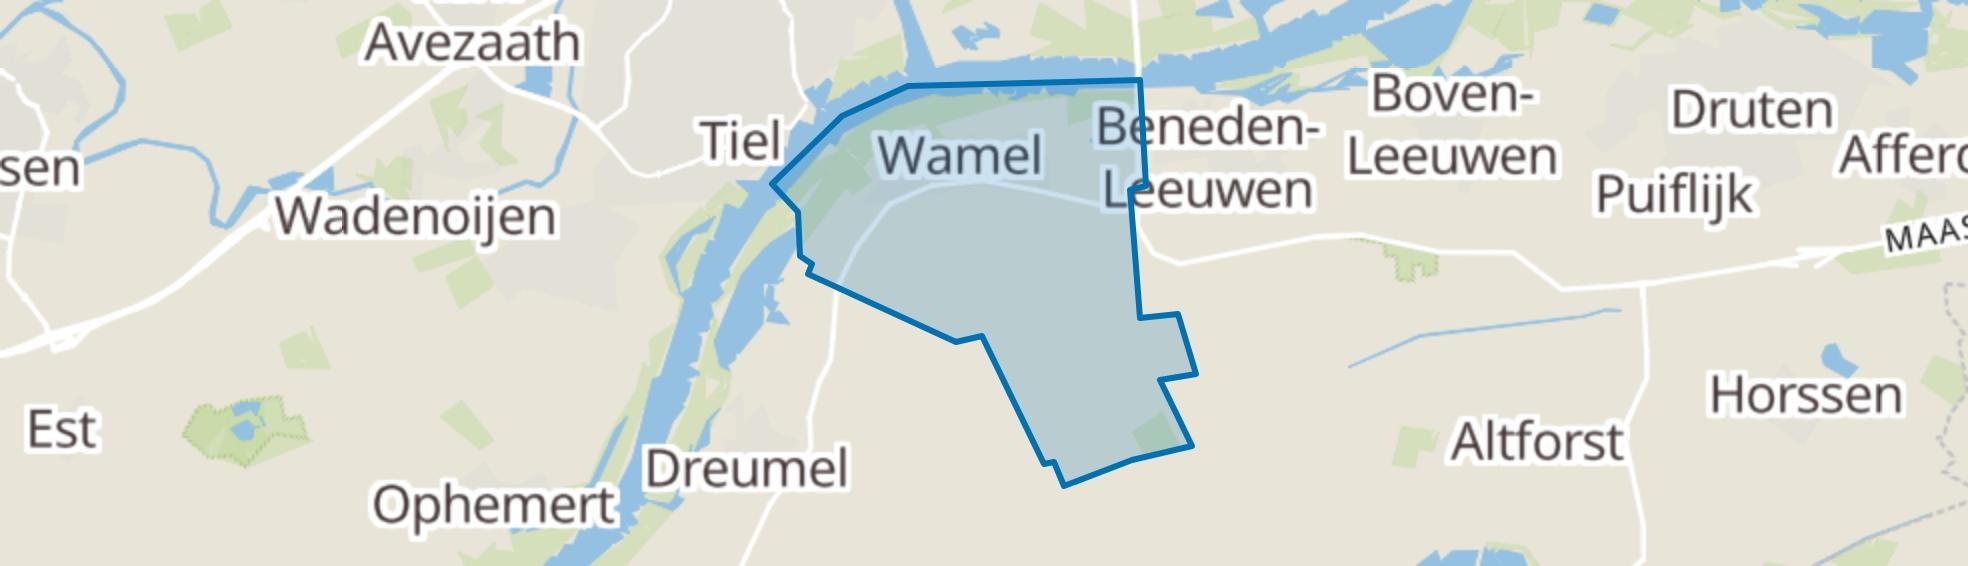 Wamel map